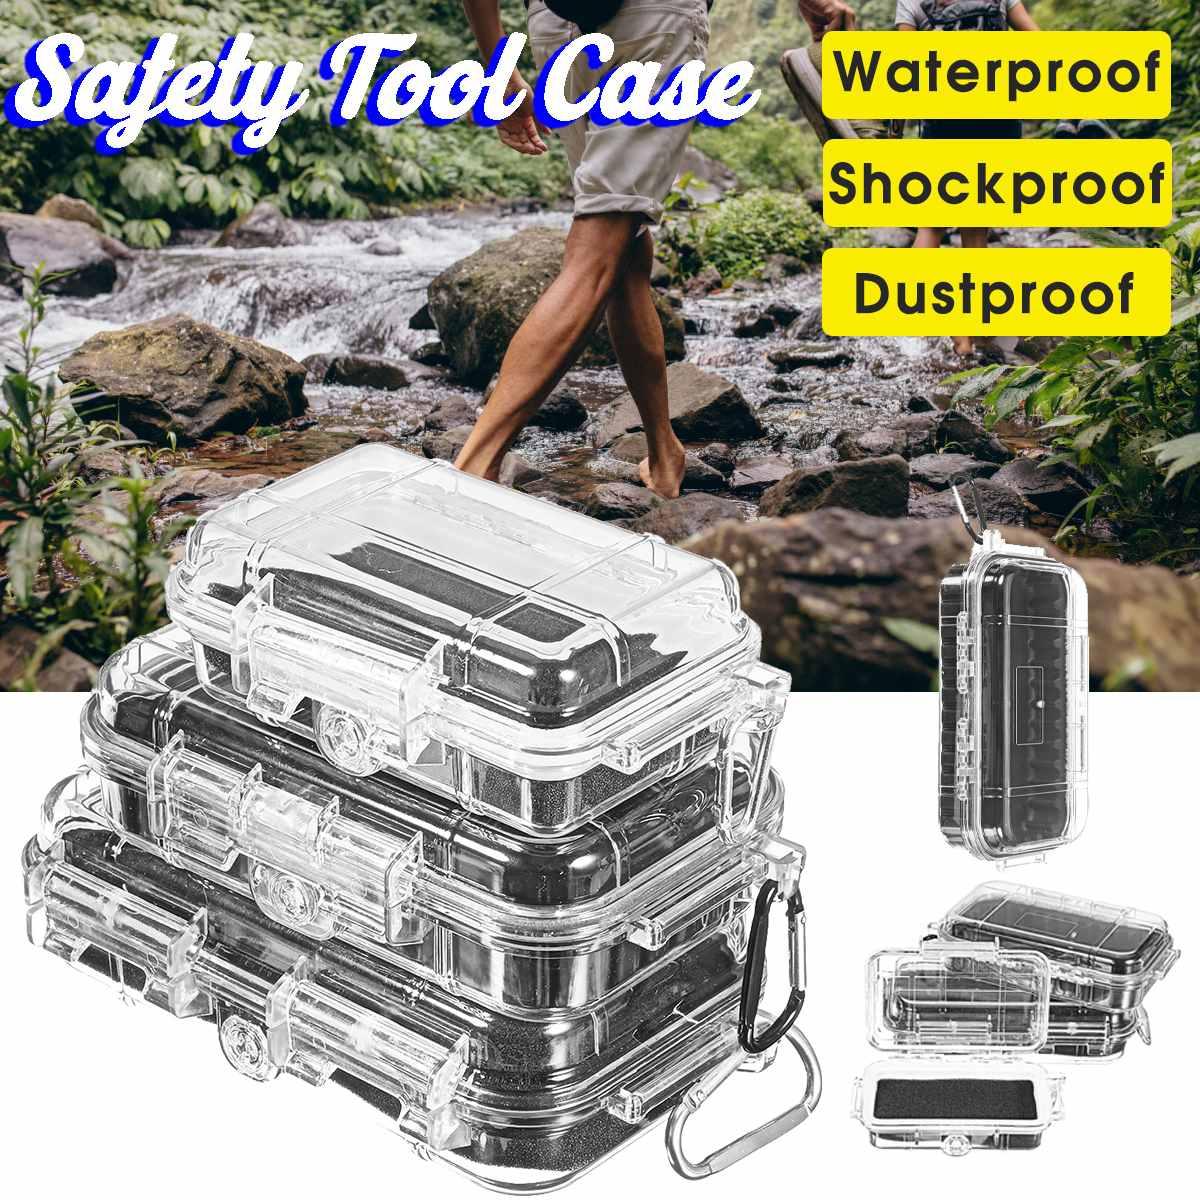 Открытый водонепроницаемый защитный чехол ударопрочный герметичный ABS Пластиковый Инструмент Сухая коробка оборудование для безопасност...